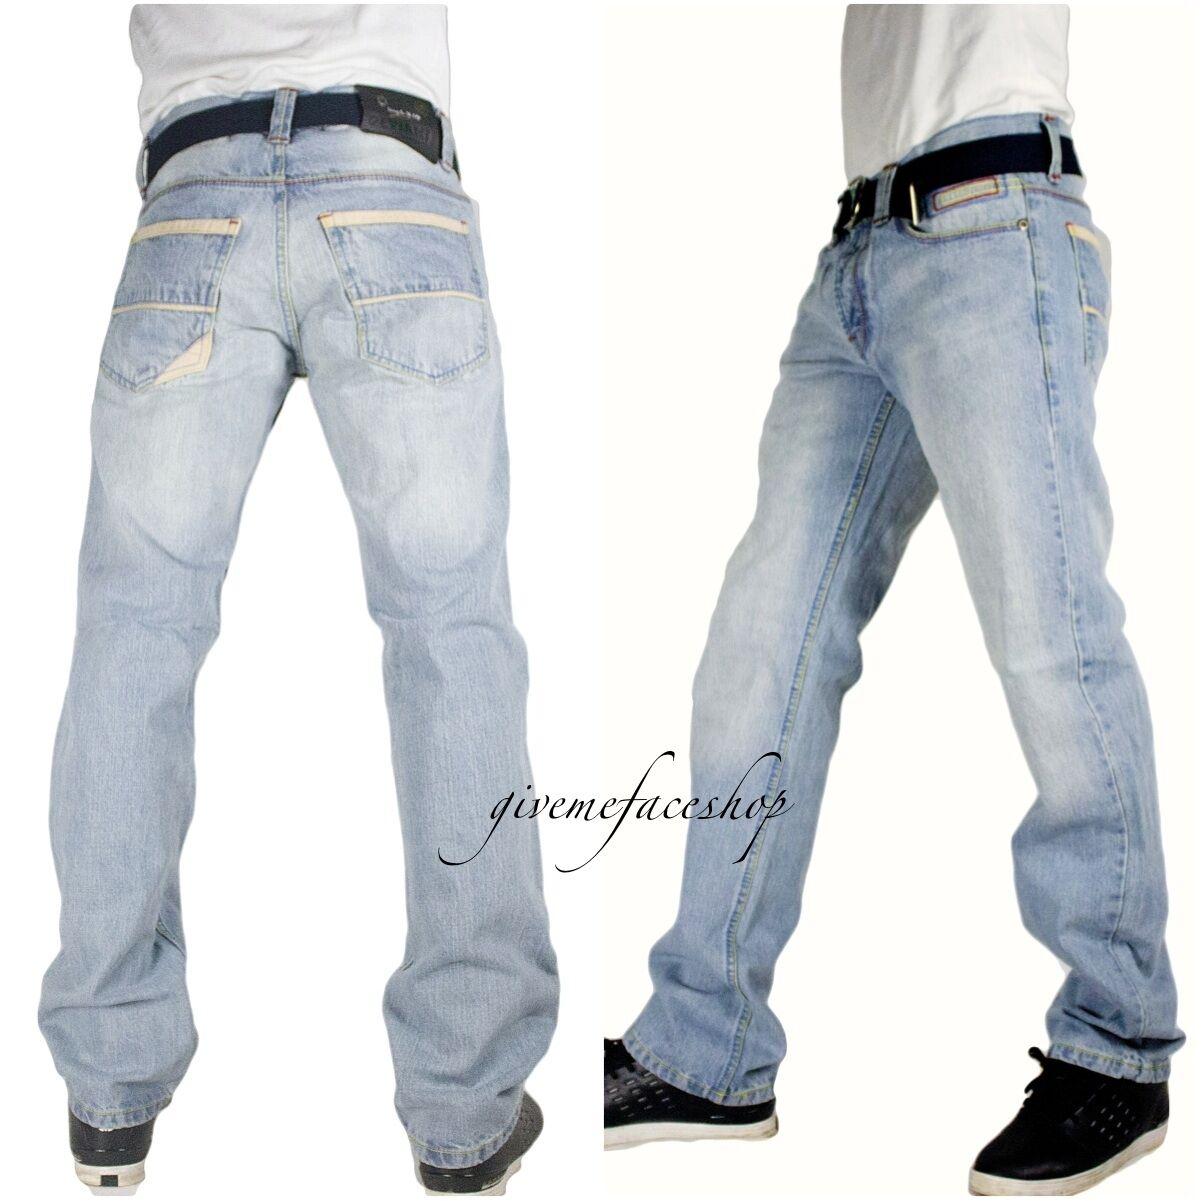 Peviani Herren Ice Blau g jeans, urban Portway Sterne straight fit Hose, hip hop  | Zu einem erschwinglichen Preis  | Angemessene Lieferung und pünktliche Lieferung  | Lass unsere Waren in die Welt gehen